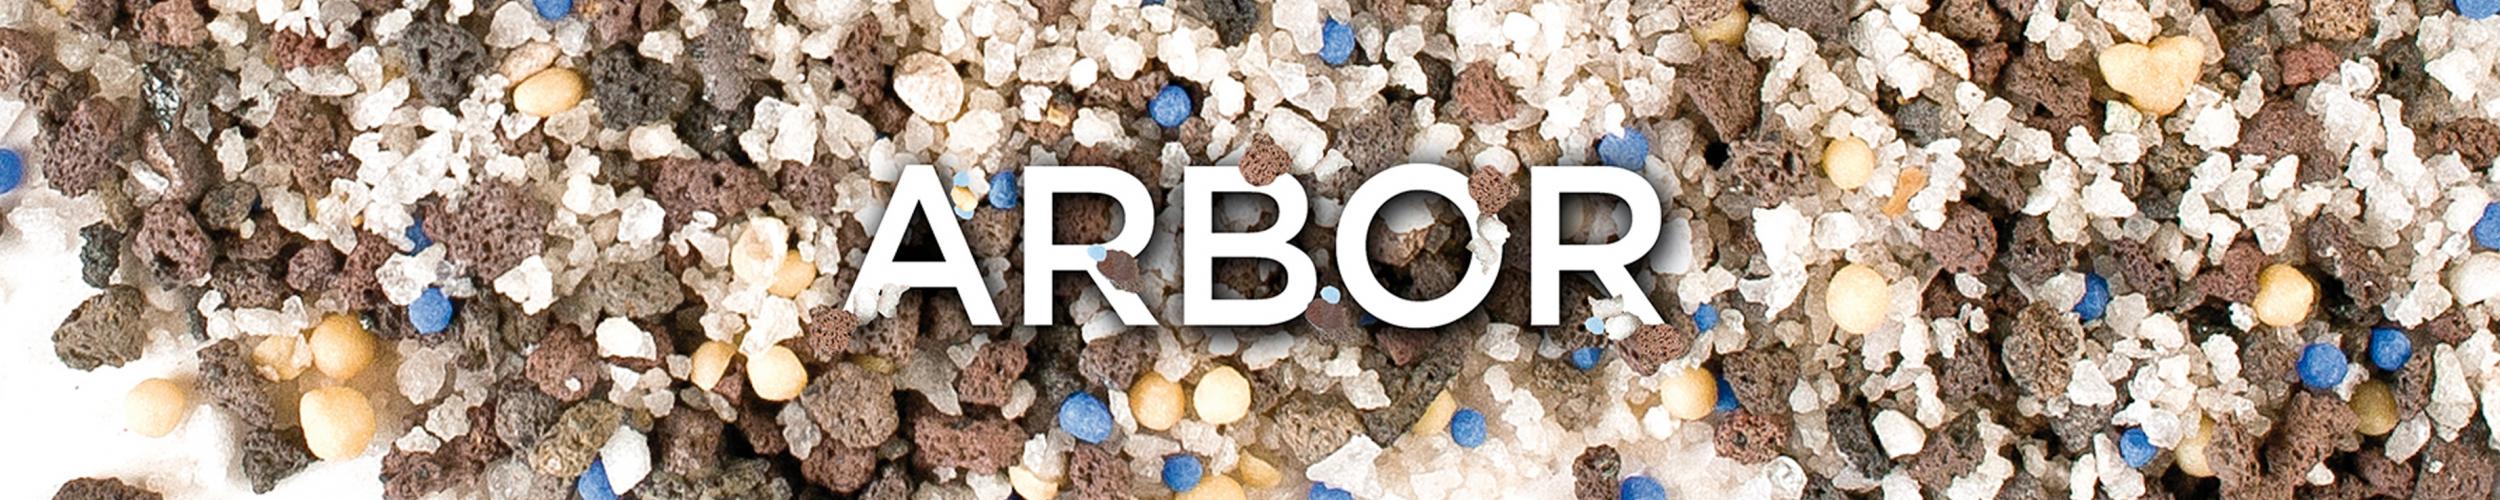 TerraCottem Arbor, bodemverbeteraar voor aanplanting van bomen en struiken